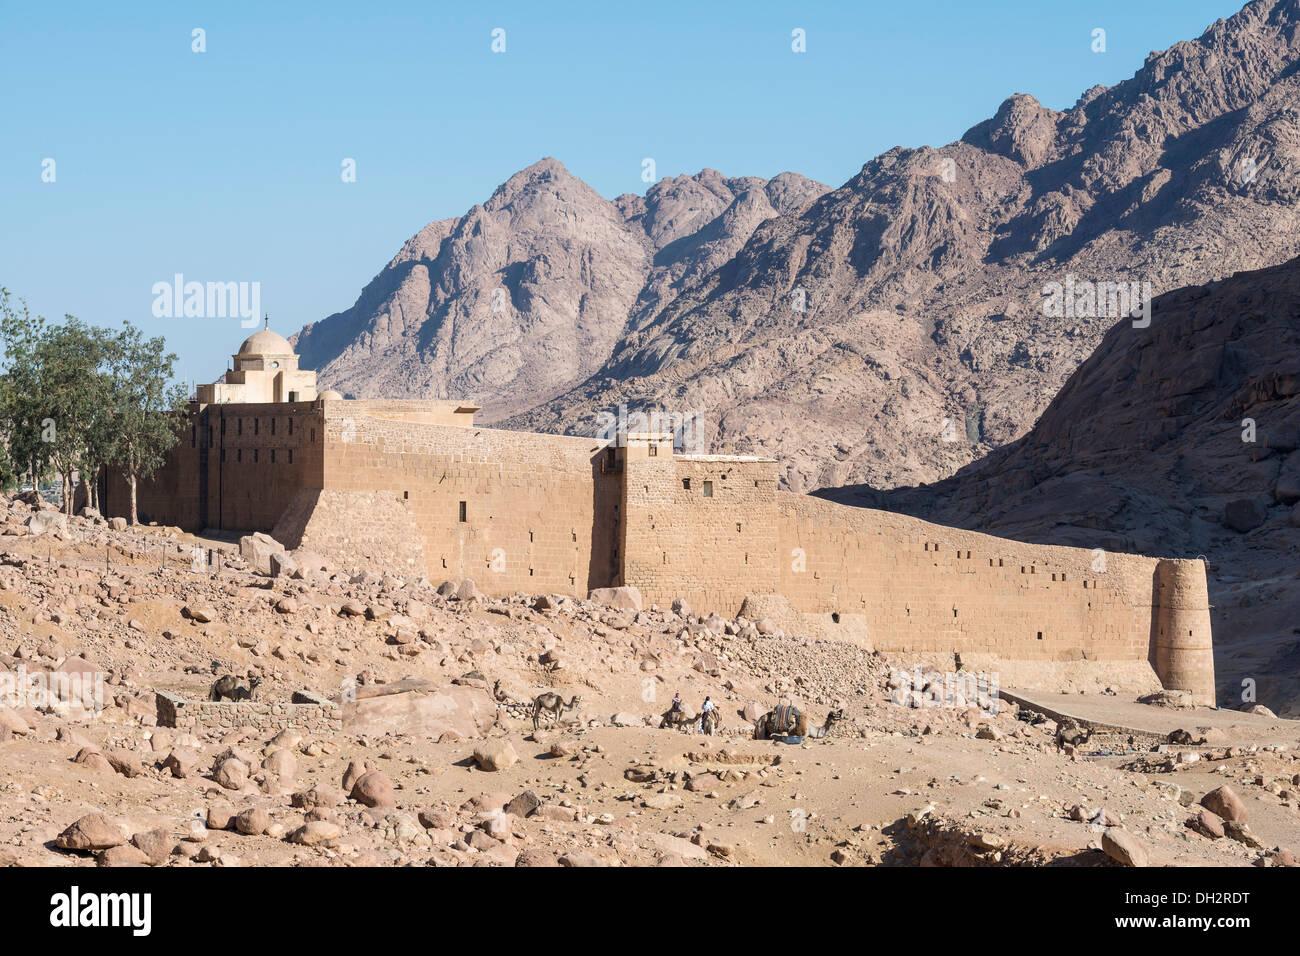 Saint Catherines Monastery at Mount Sinai, Sinai, Egypt - Stock Image